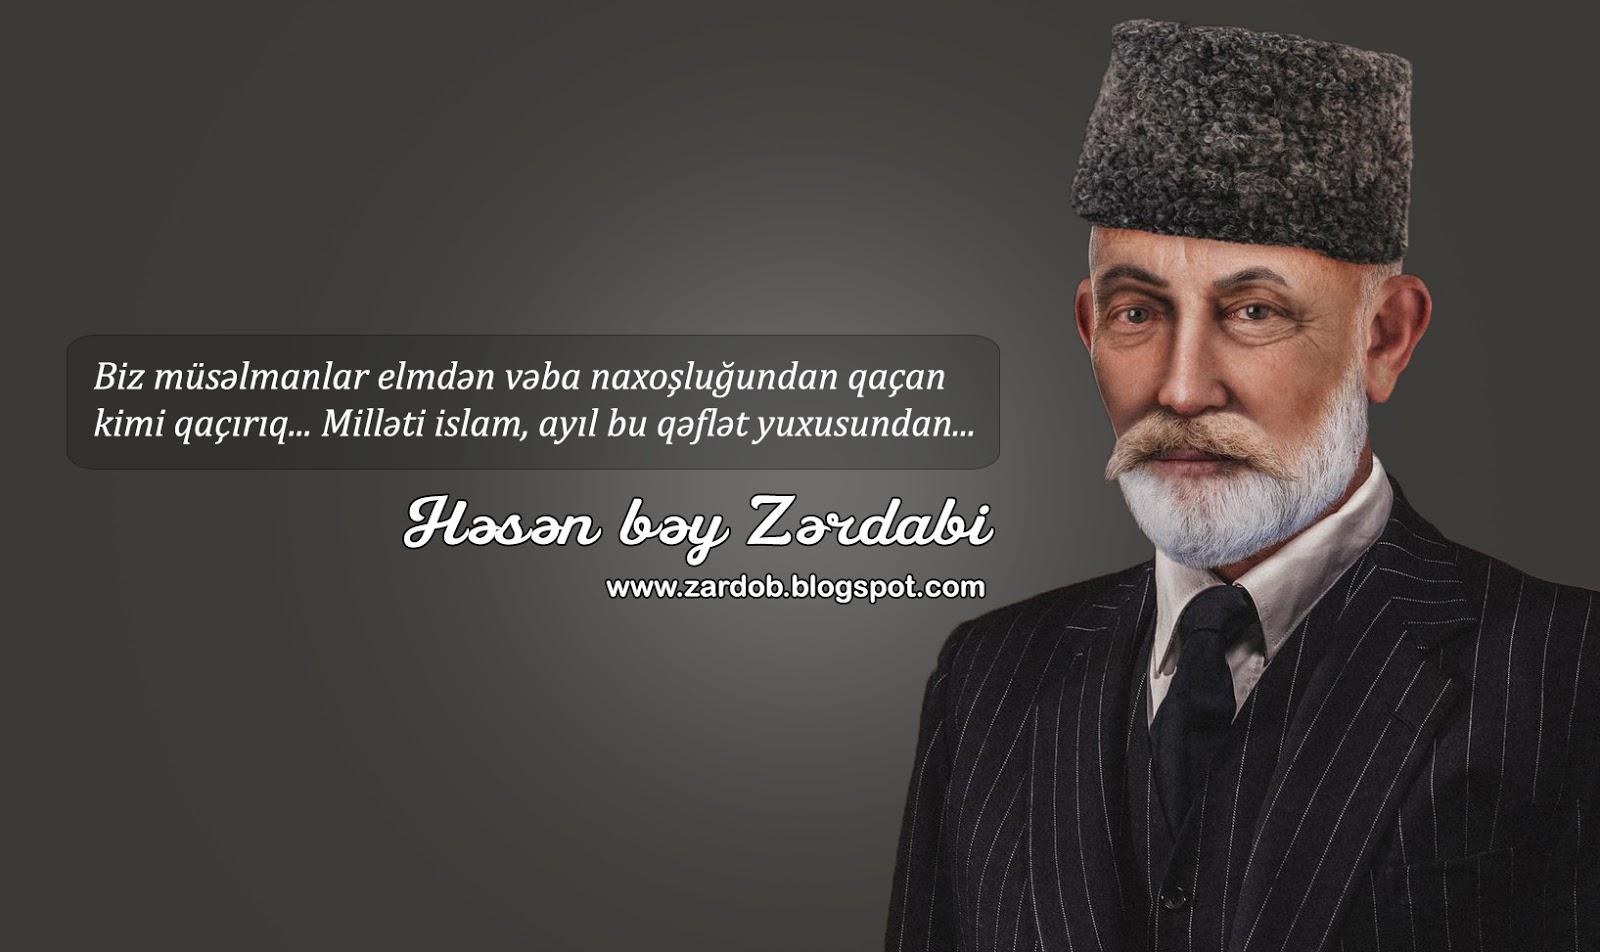 Həsən bəy Zərdabinin universitetdən aldığı fərqlənmə attestatı - FOTO